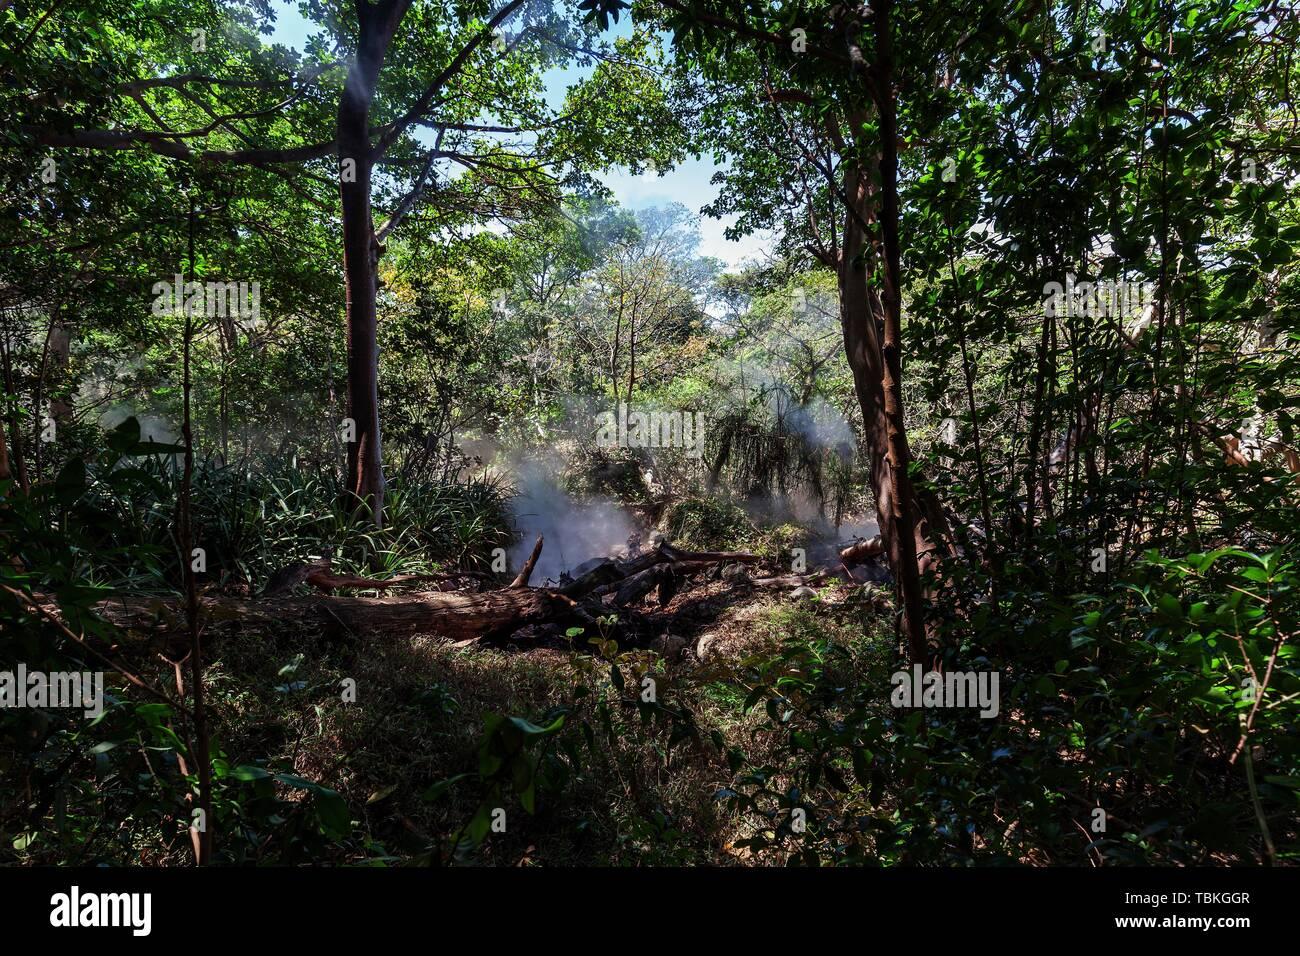 Steaming Fumaroles in the Rainforest of the National Park Rincon de la Vieja, Parque Nacional Rincon de la Vieja, Province Guanacaste, Costa Rica - Stock Image